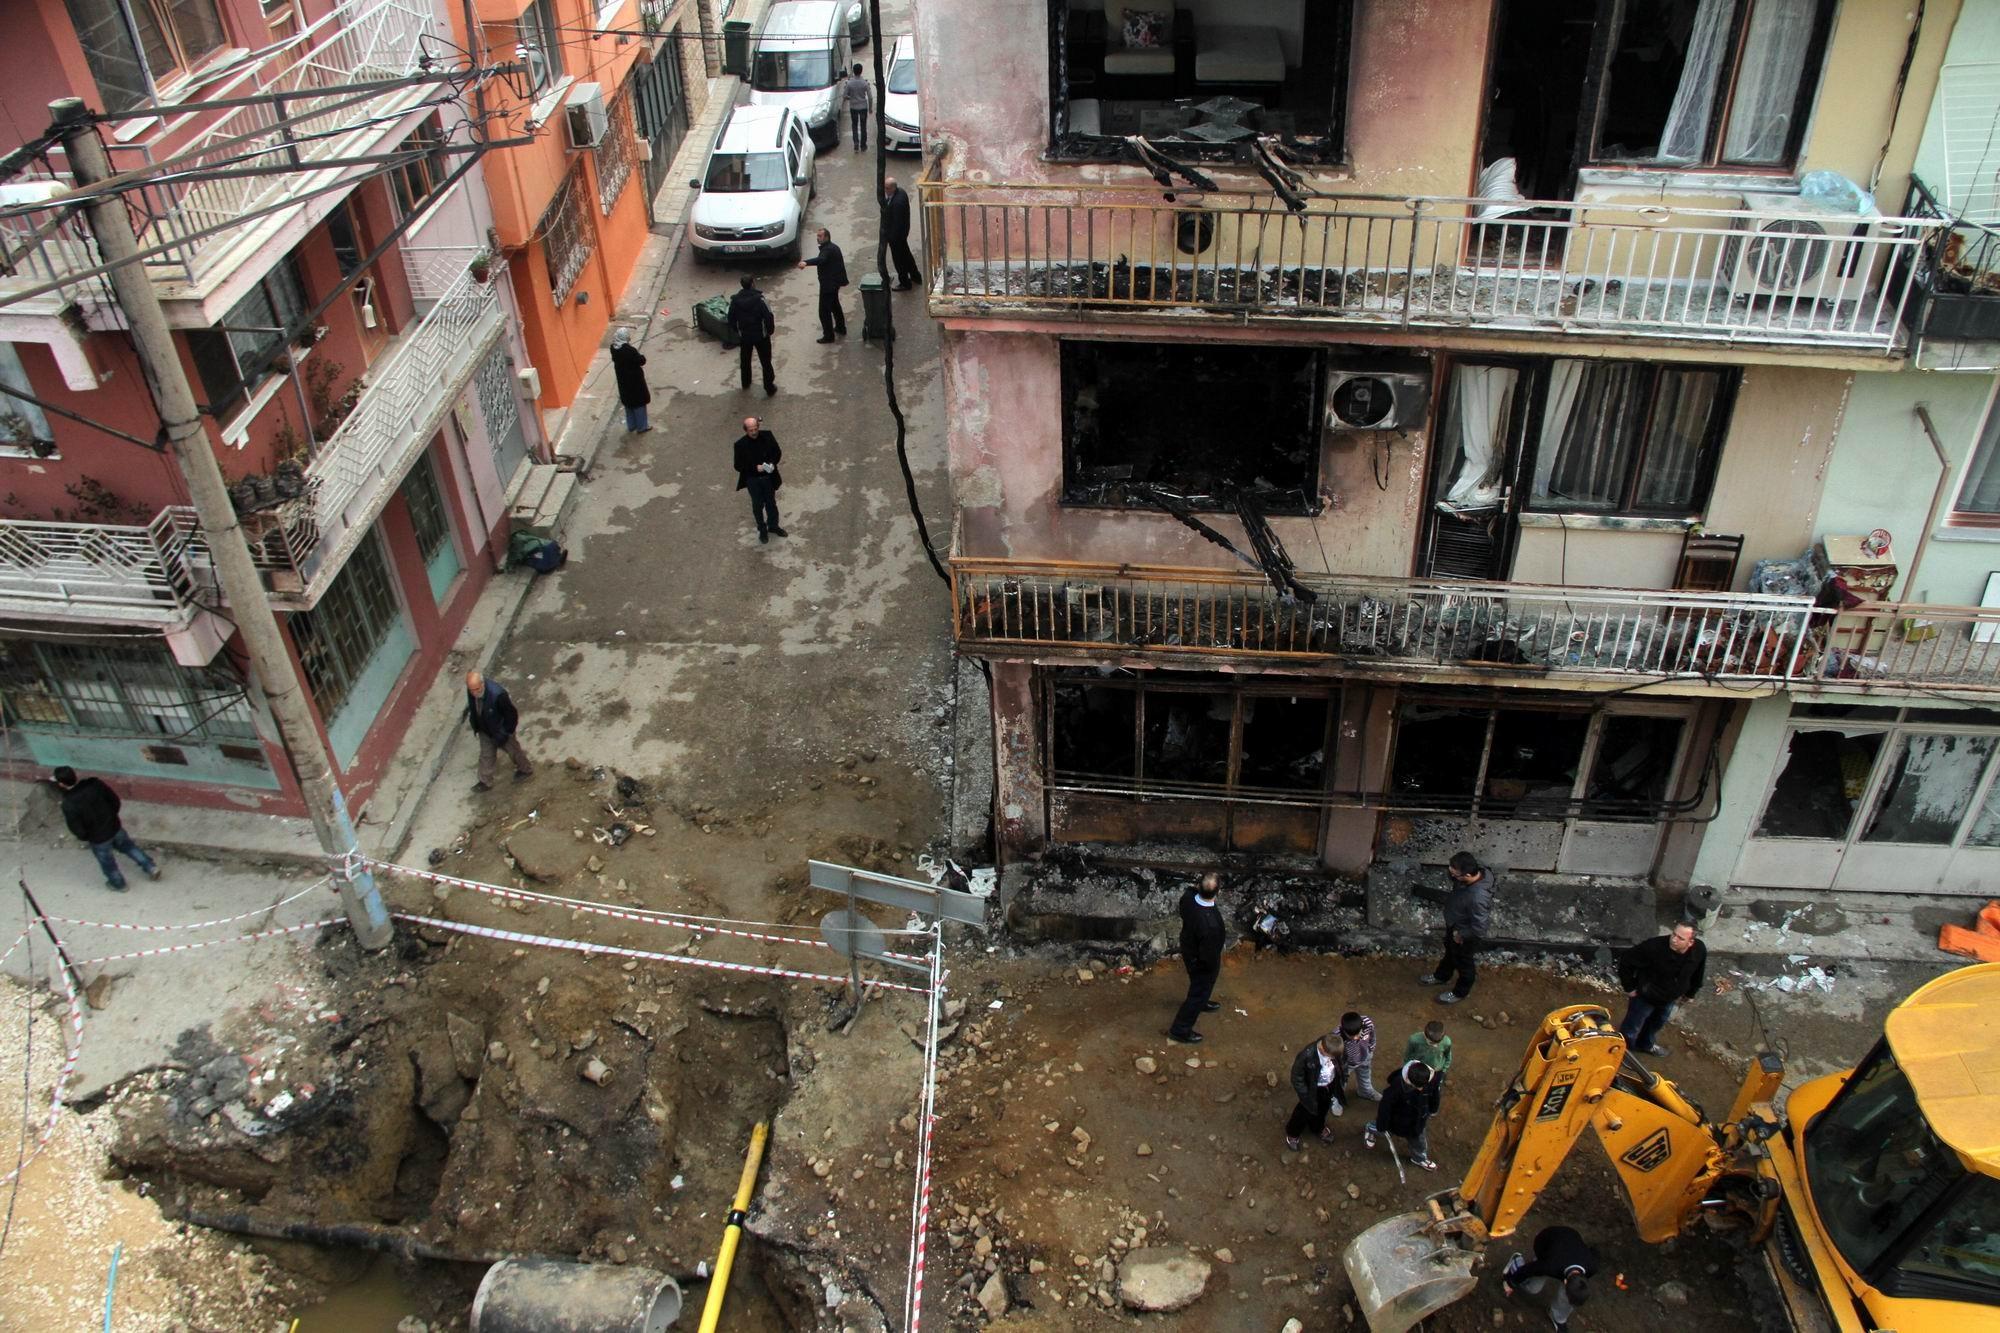 Patlamanın yaşandığı mahalle savaş alanına döndü 3